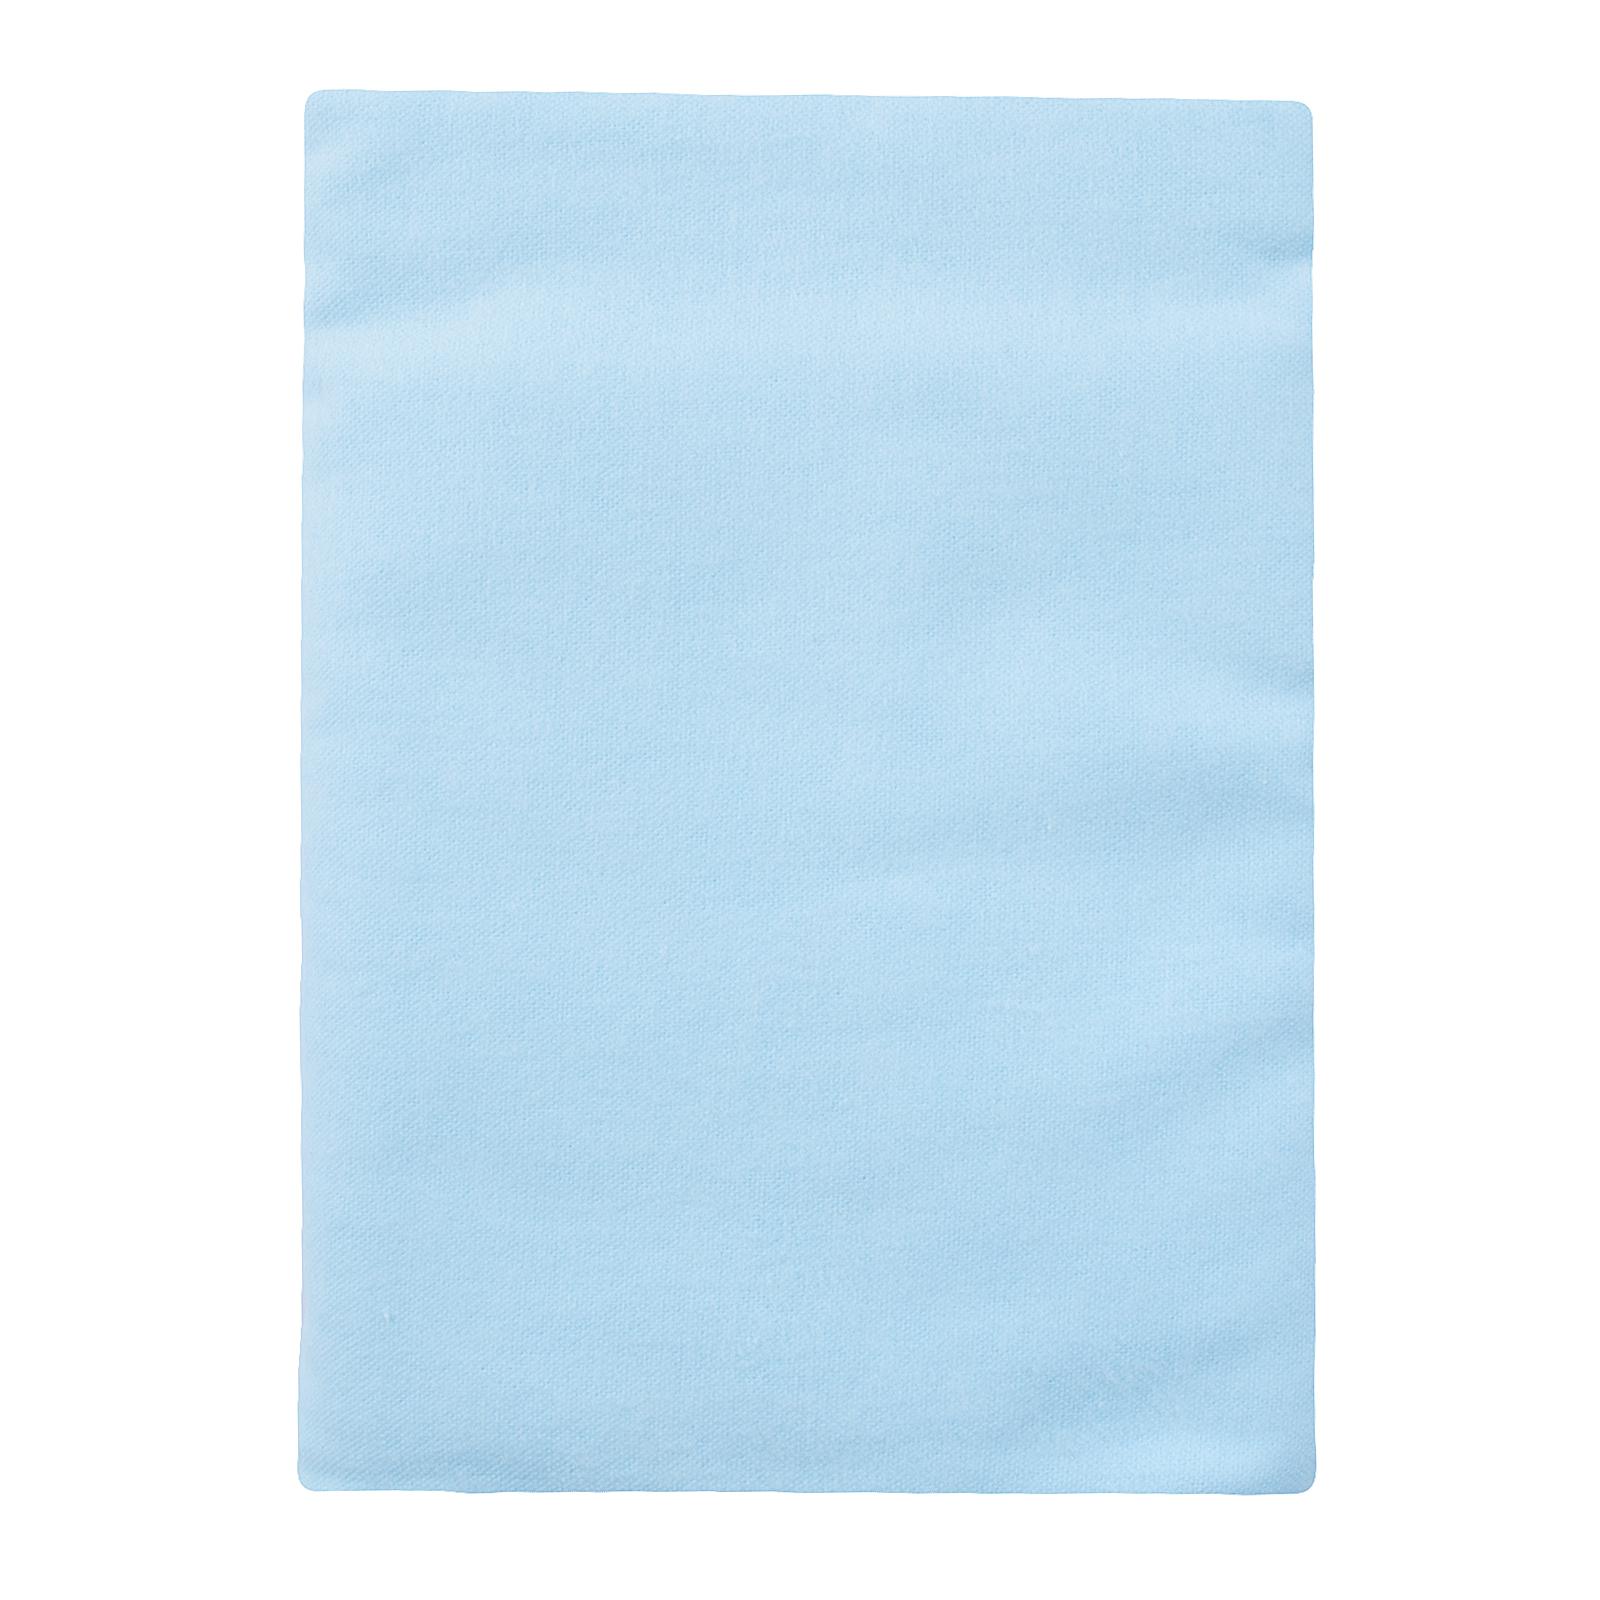 Пеленка КОТМАРКОТ размер 90х120 см для мальчика, цвет голубой<br>